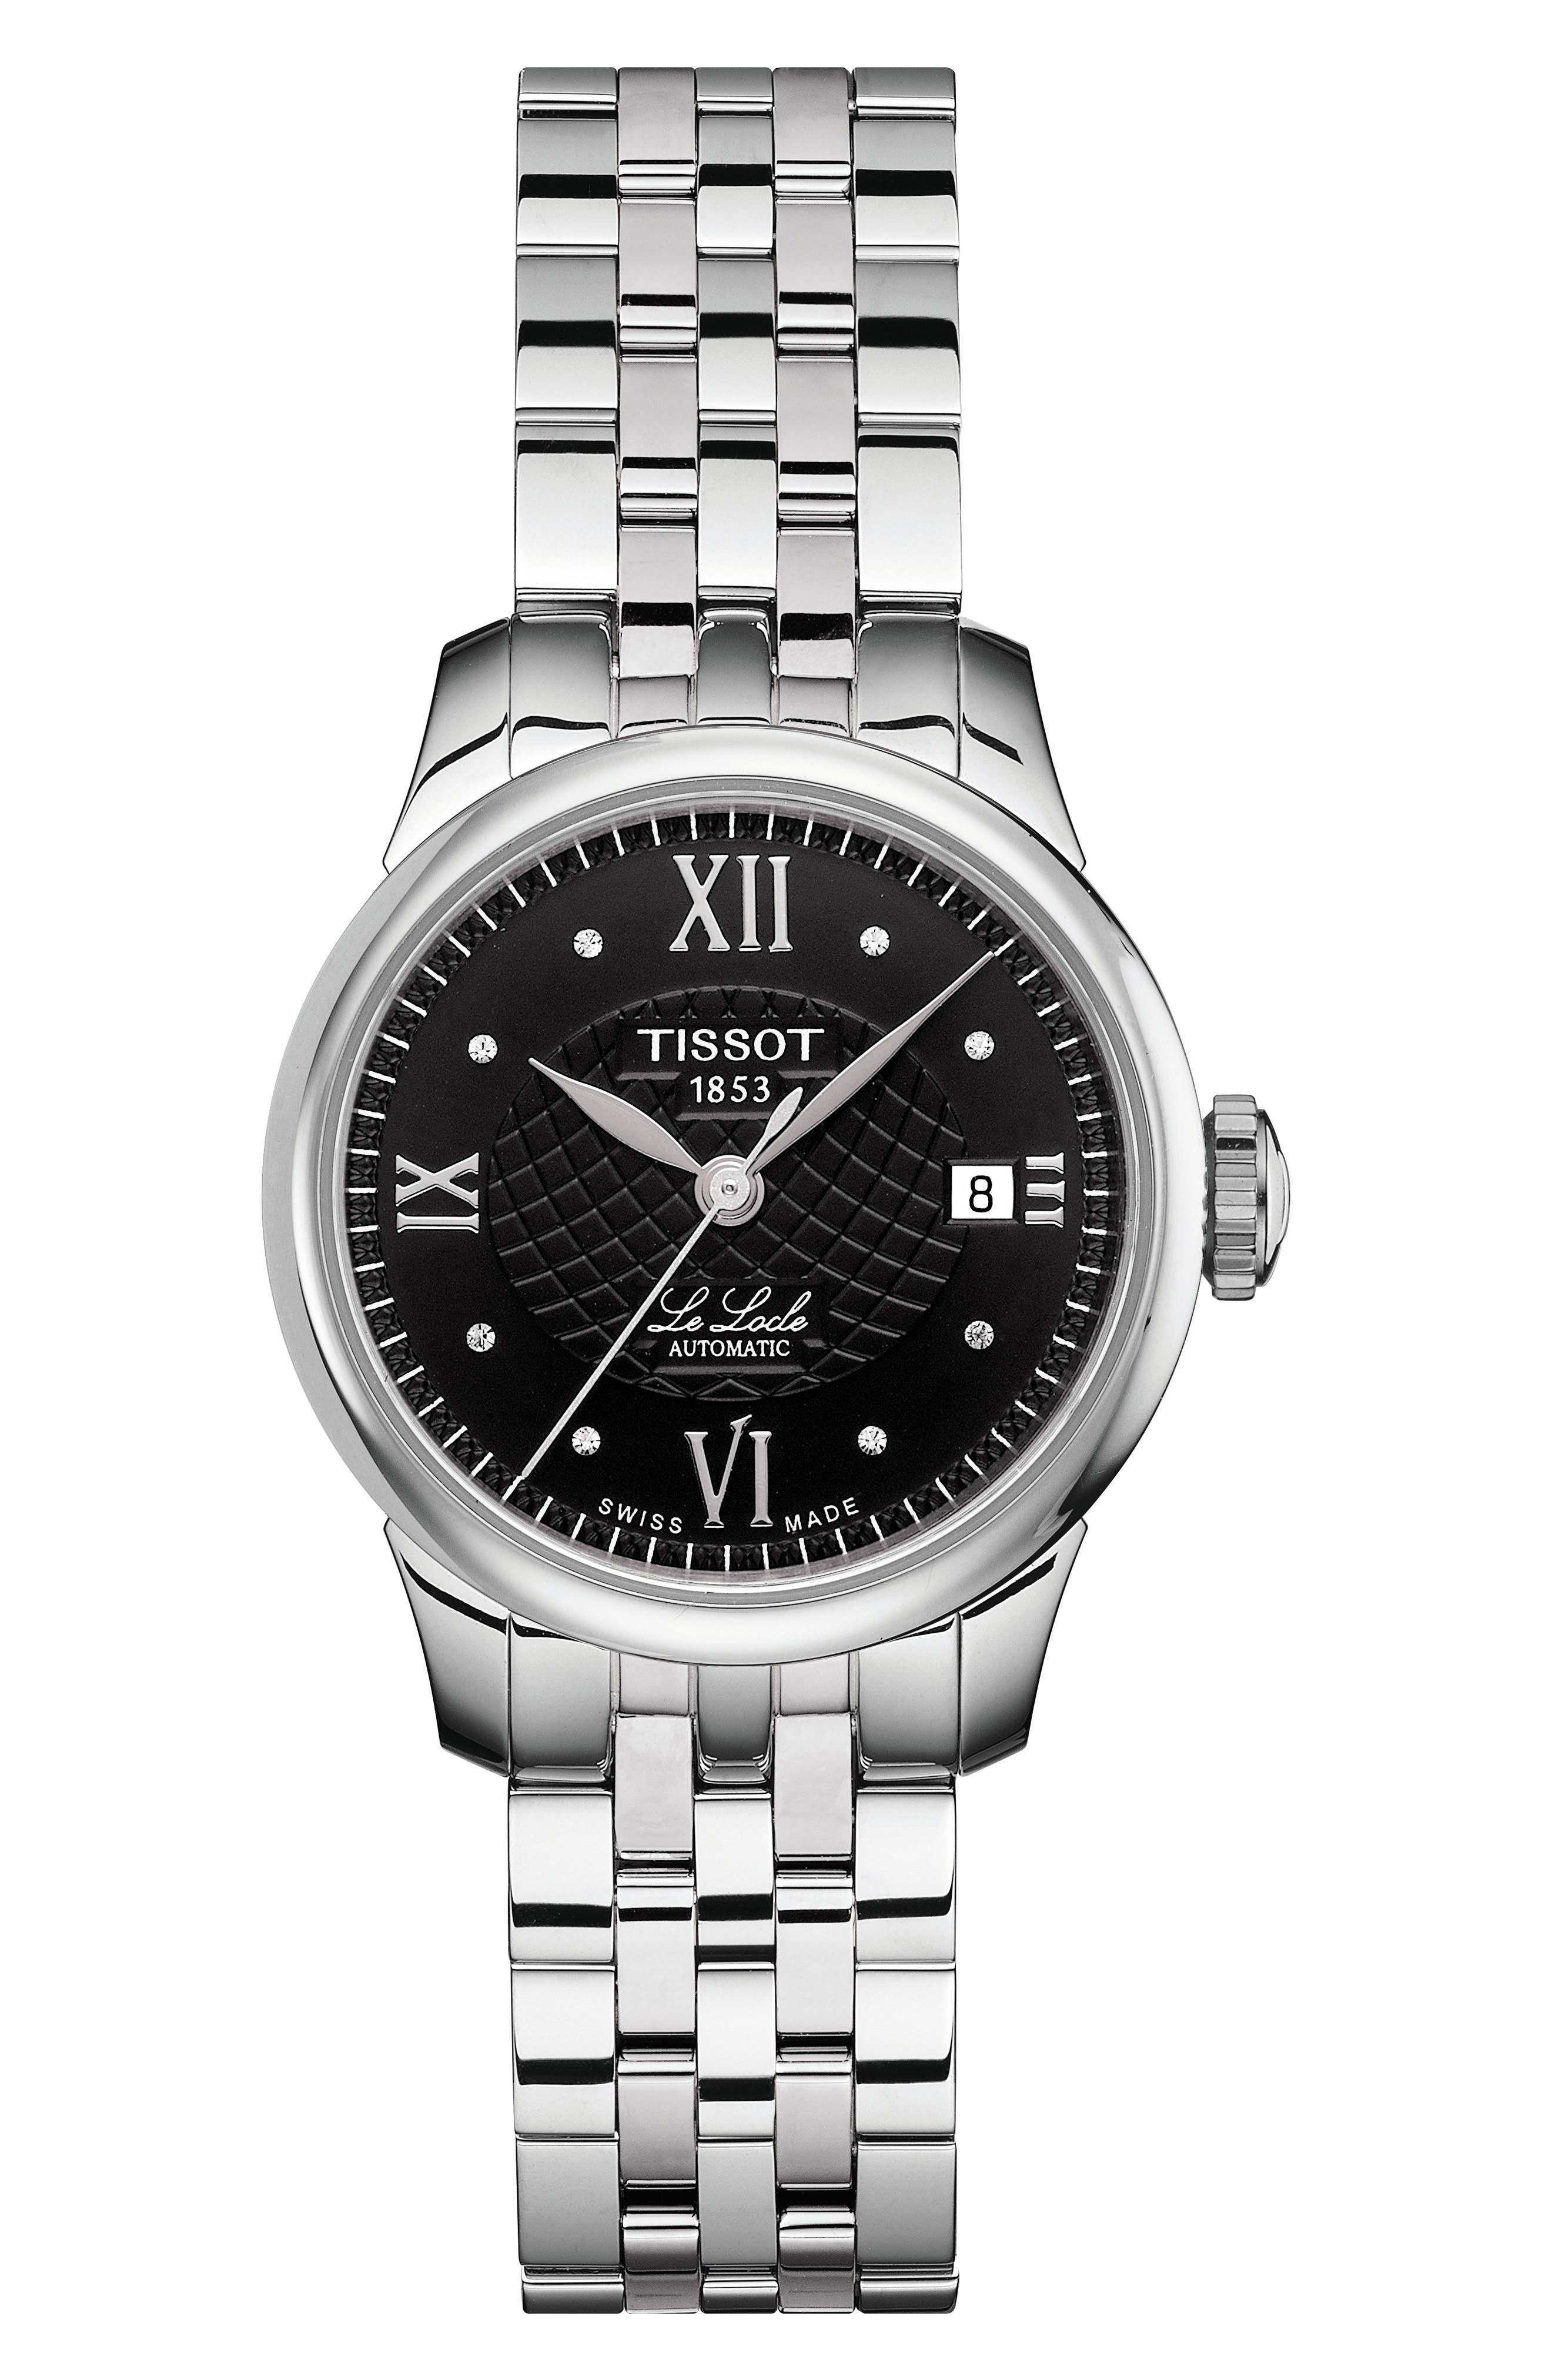 Image of Tissot Women's Le Locle Automatic Diamond Dial Bracelet Watch, 25.3mm - 0.0104ctw